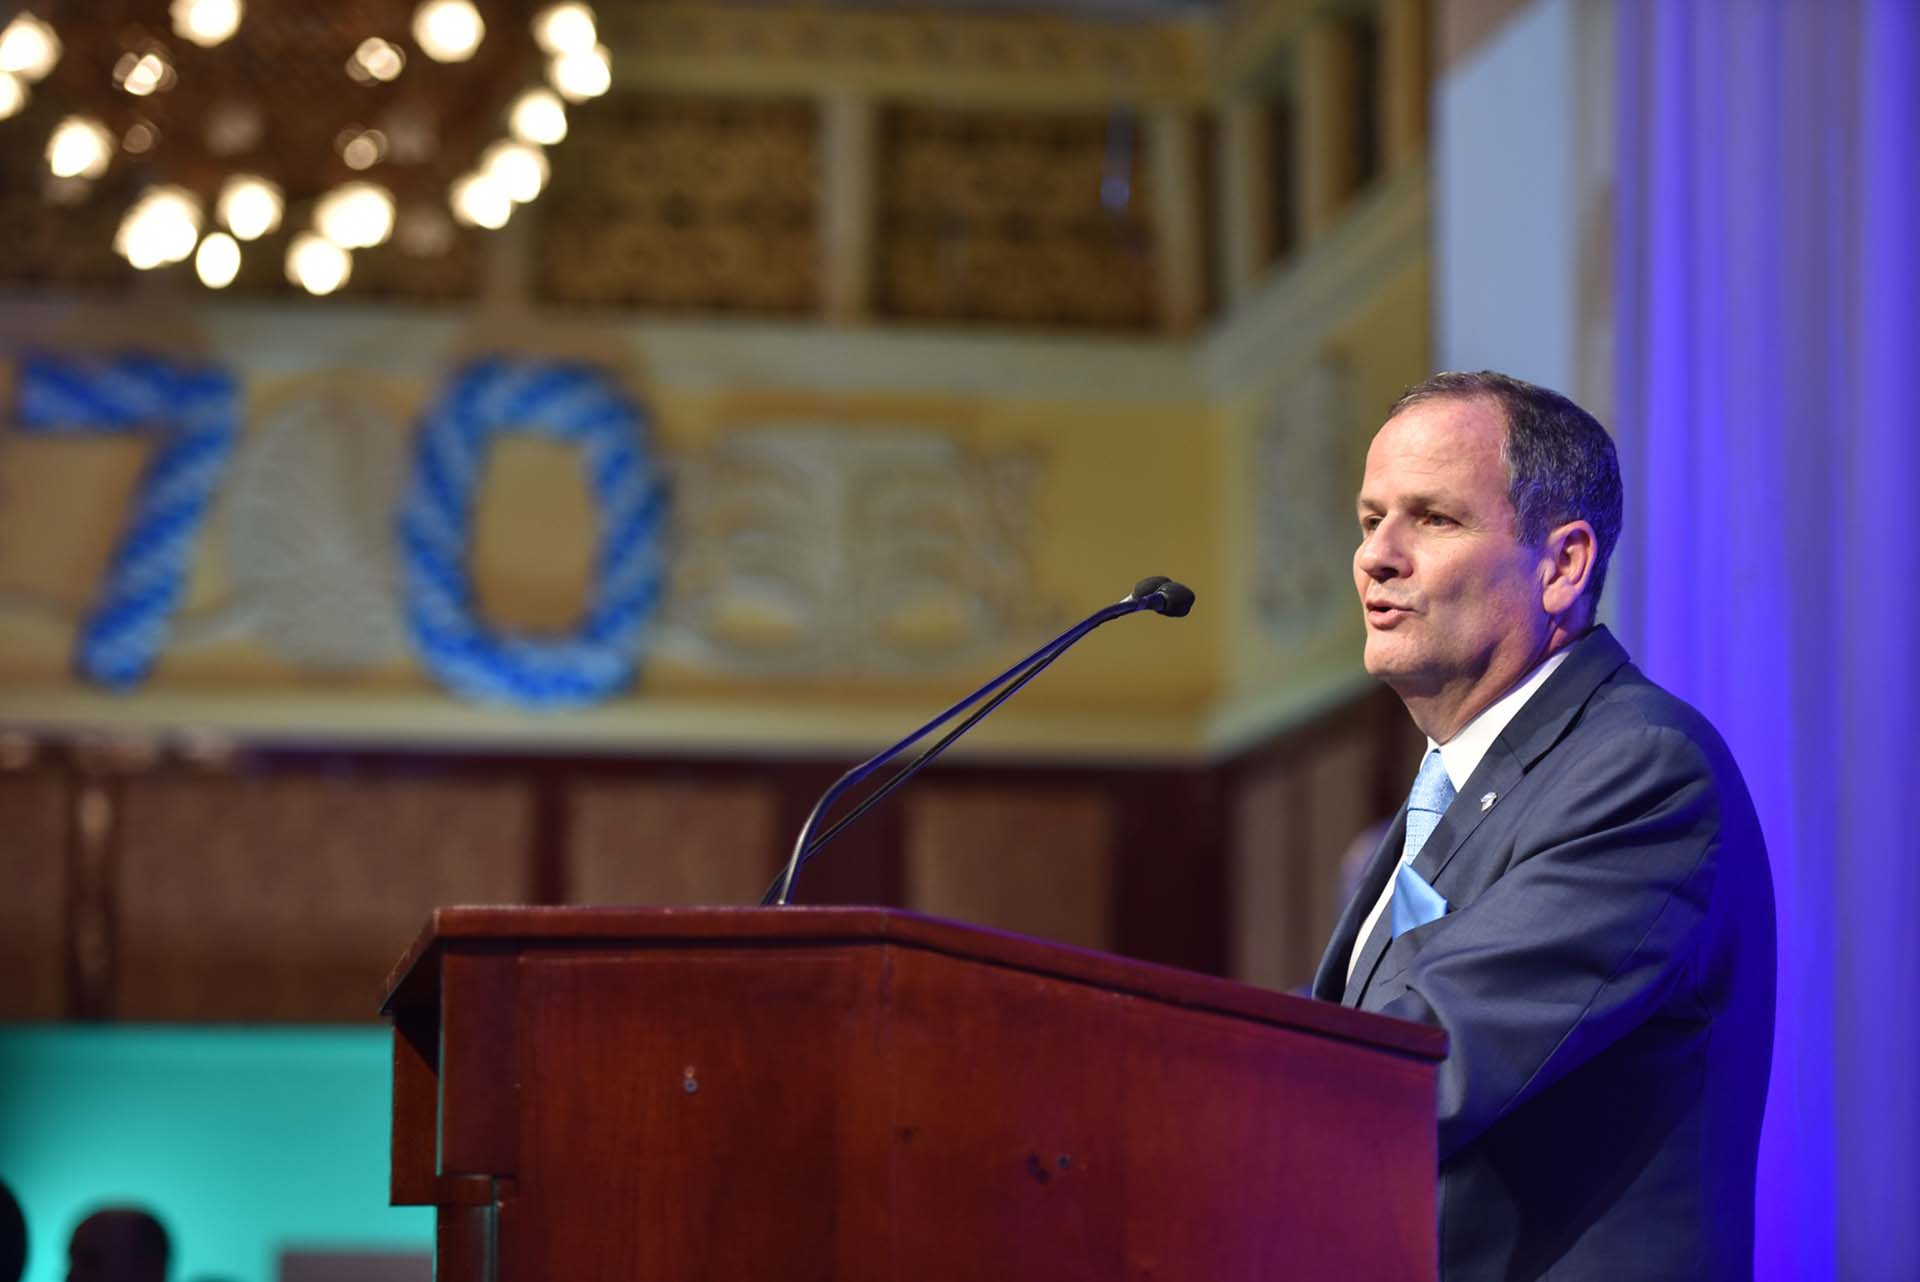 El embajador de Israel en Argentina, Ilan Sztulman, dio un emotivo discurso